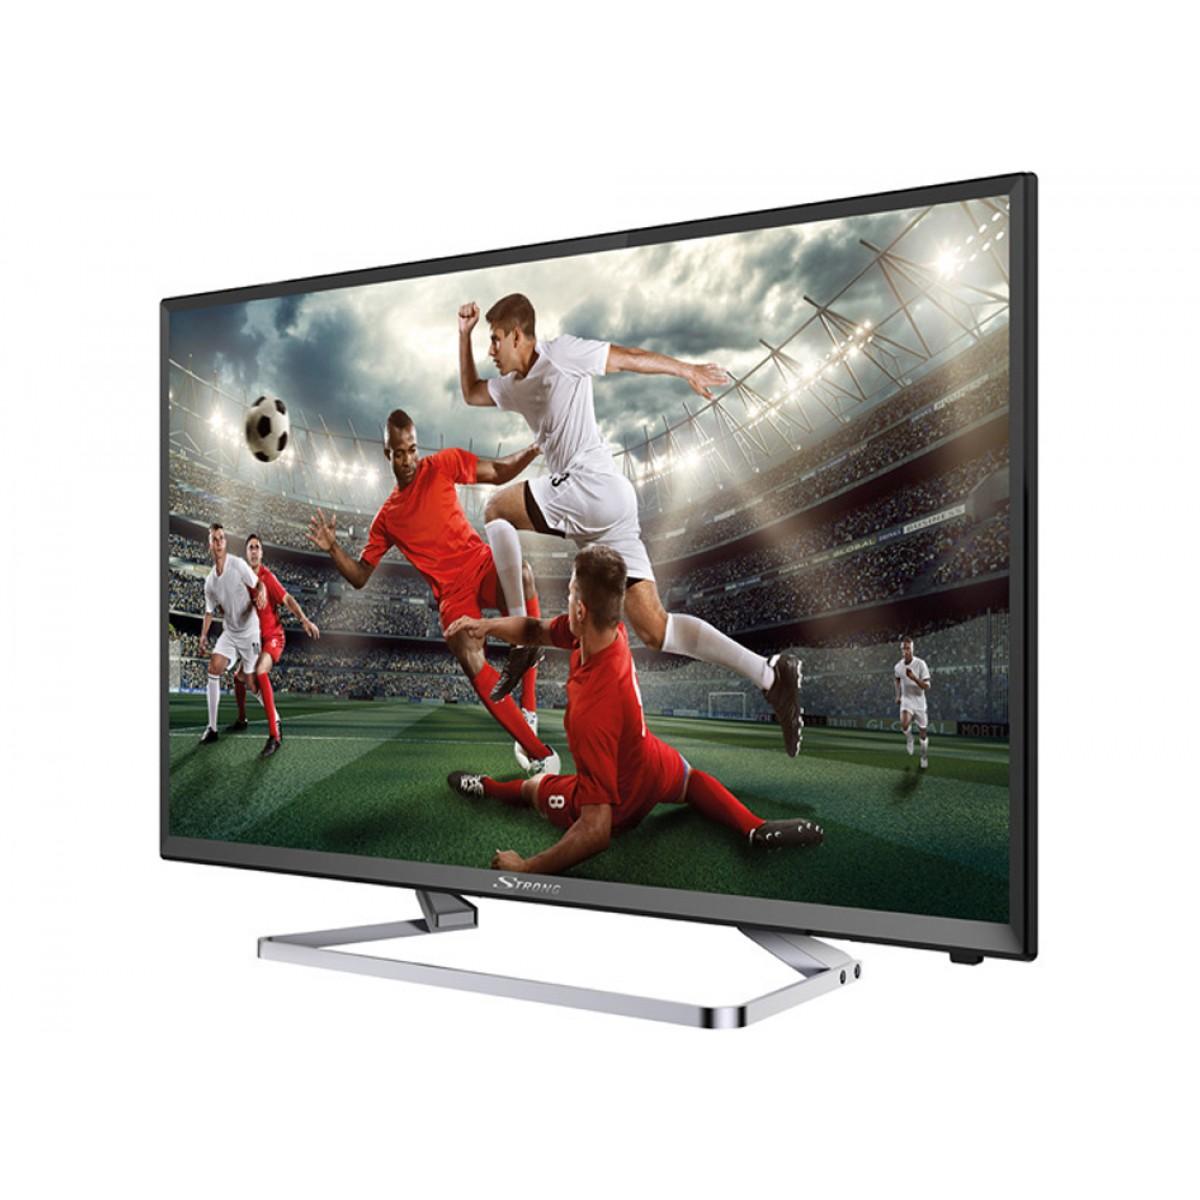 Τηλεόραση Strong SRT40FZ4003N FHD LED Τηλεοράσεις